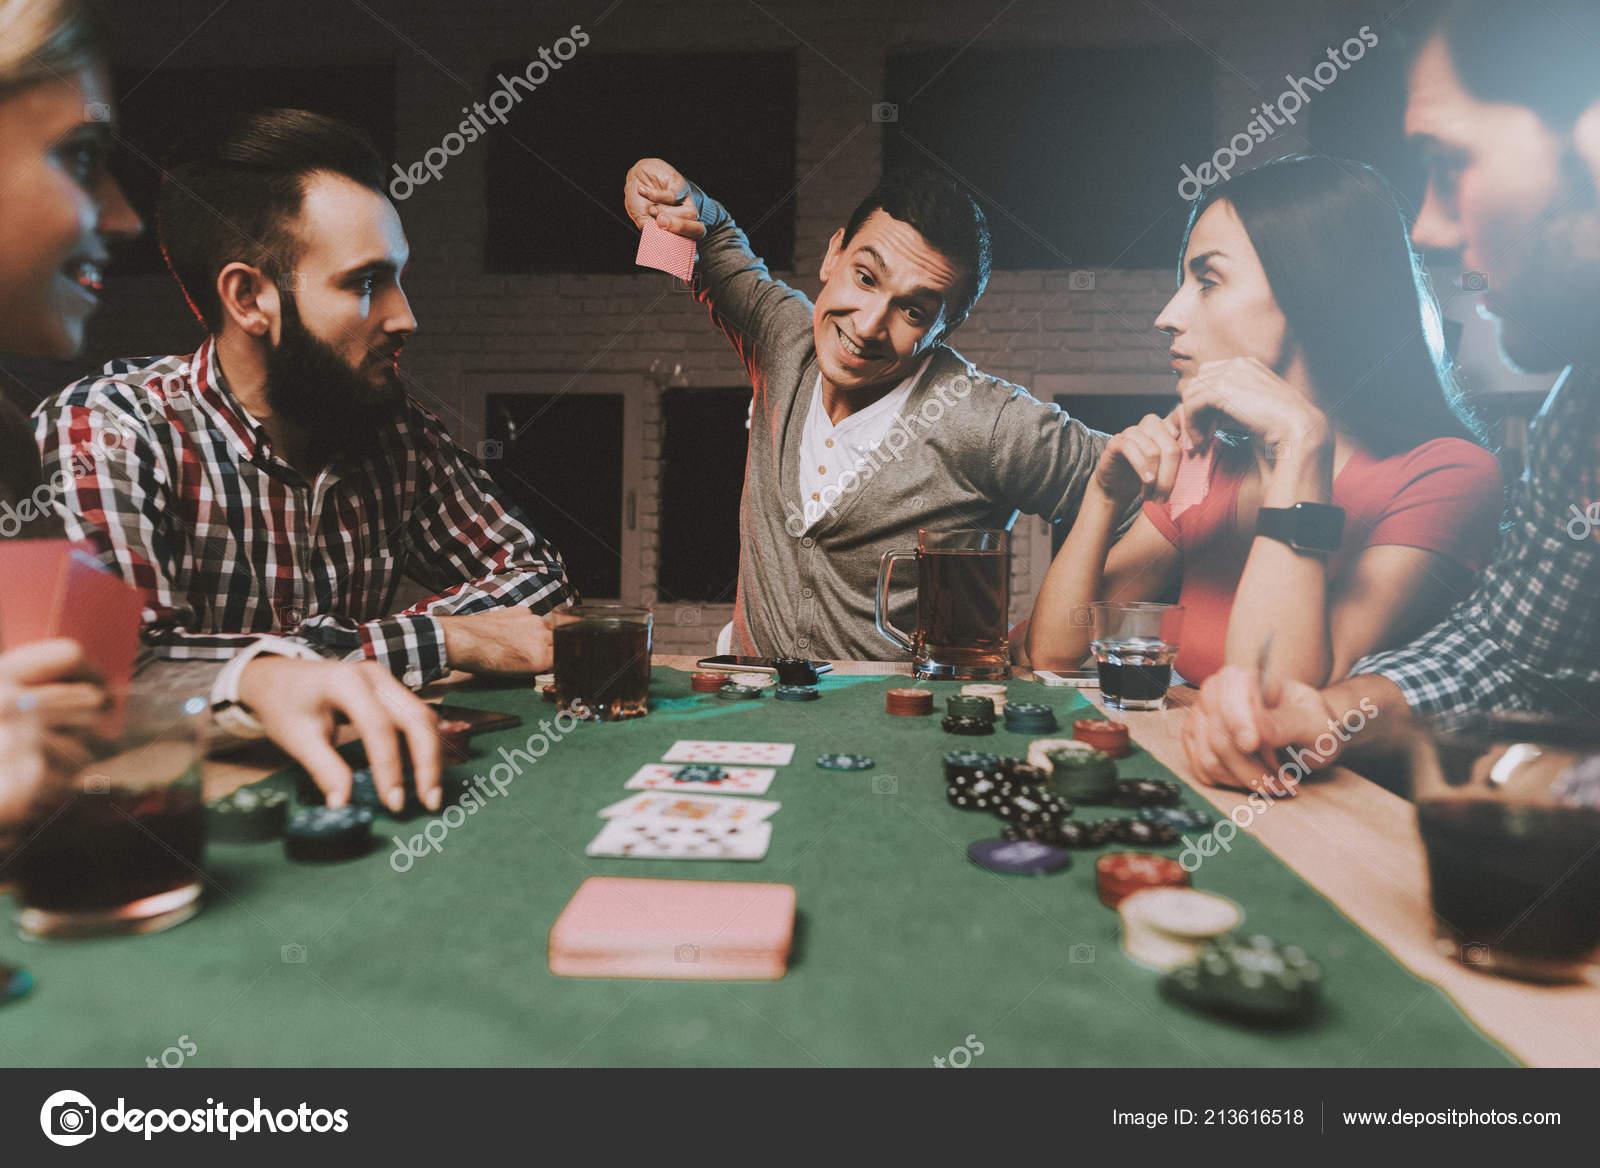 jogos para festas com amigos